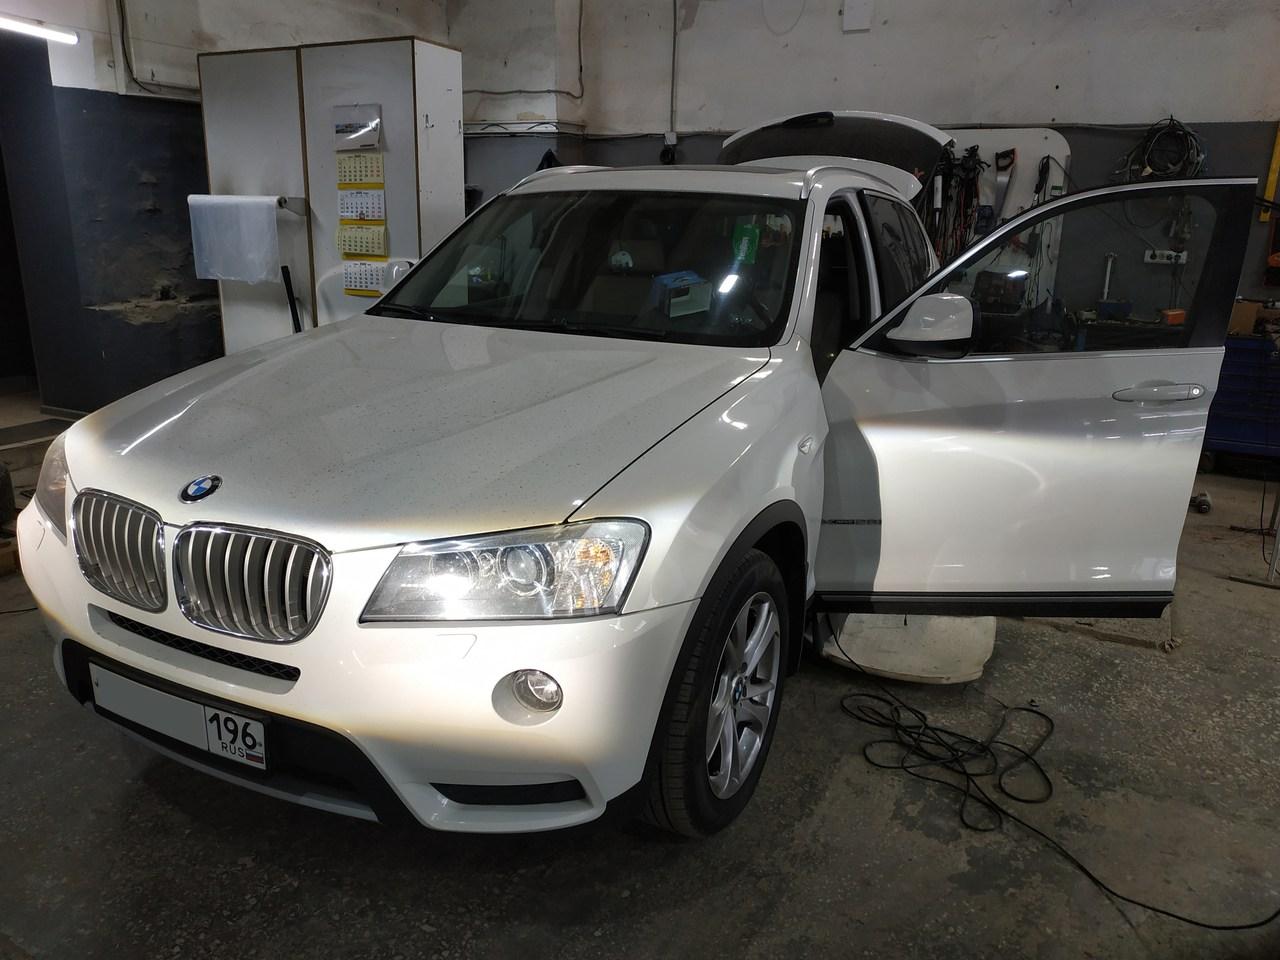 BMW X3 F25, кодирование освещения